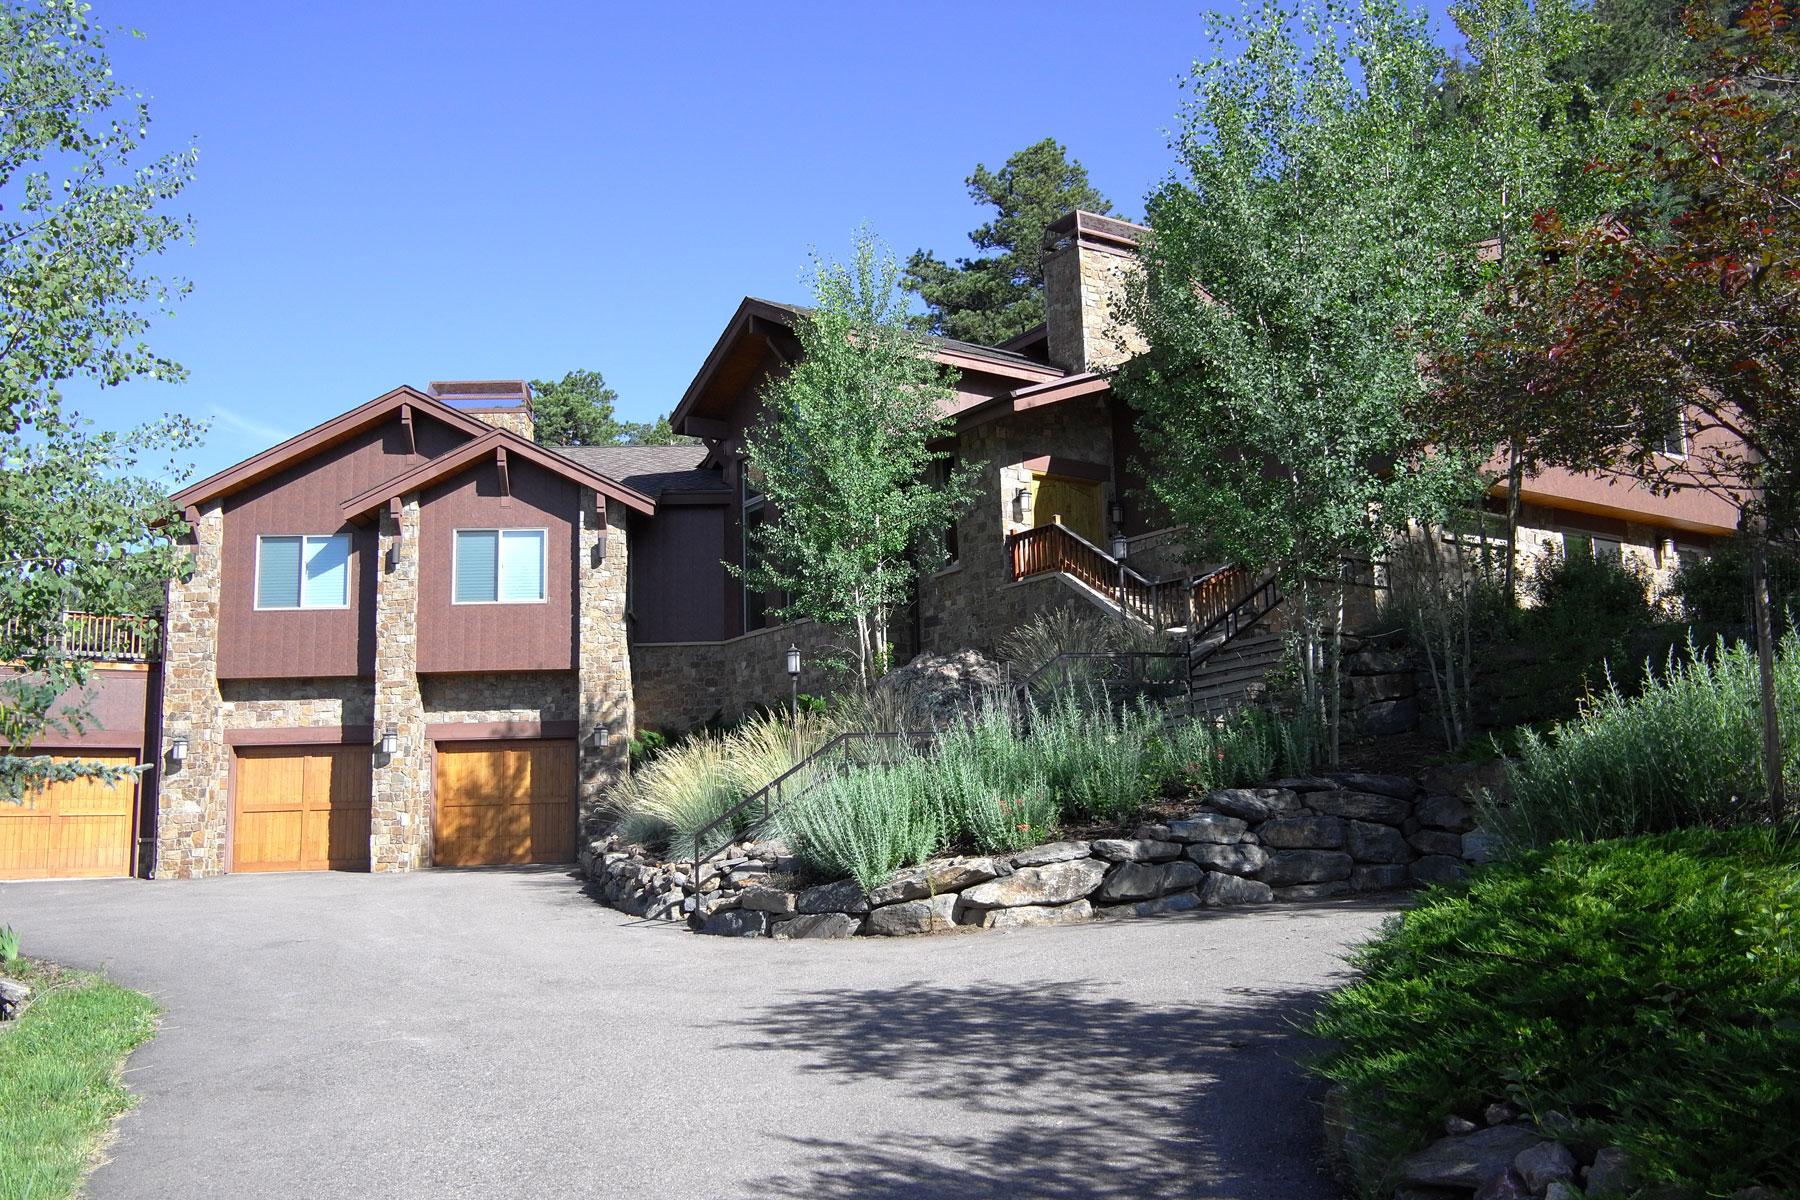 Частный односемейный дом для того Продажа на 127 Granite Way Evergreen, Колорадо, 80439 Соединенные Штаты